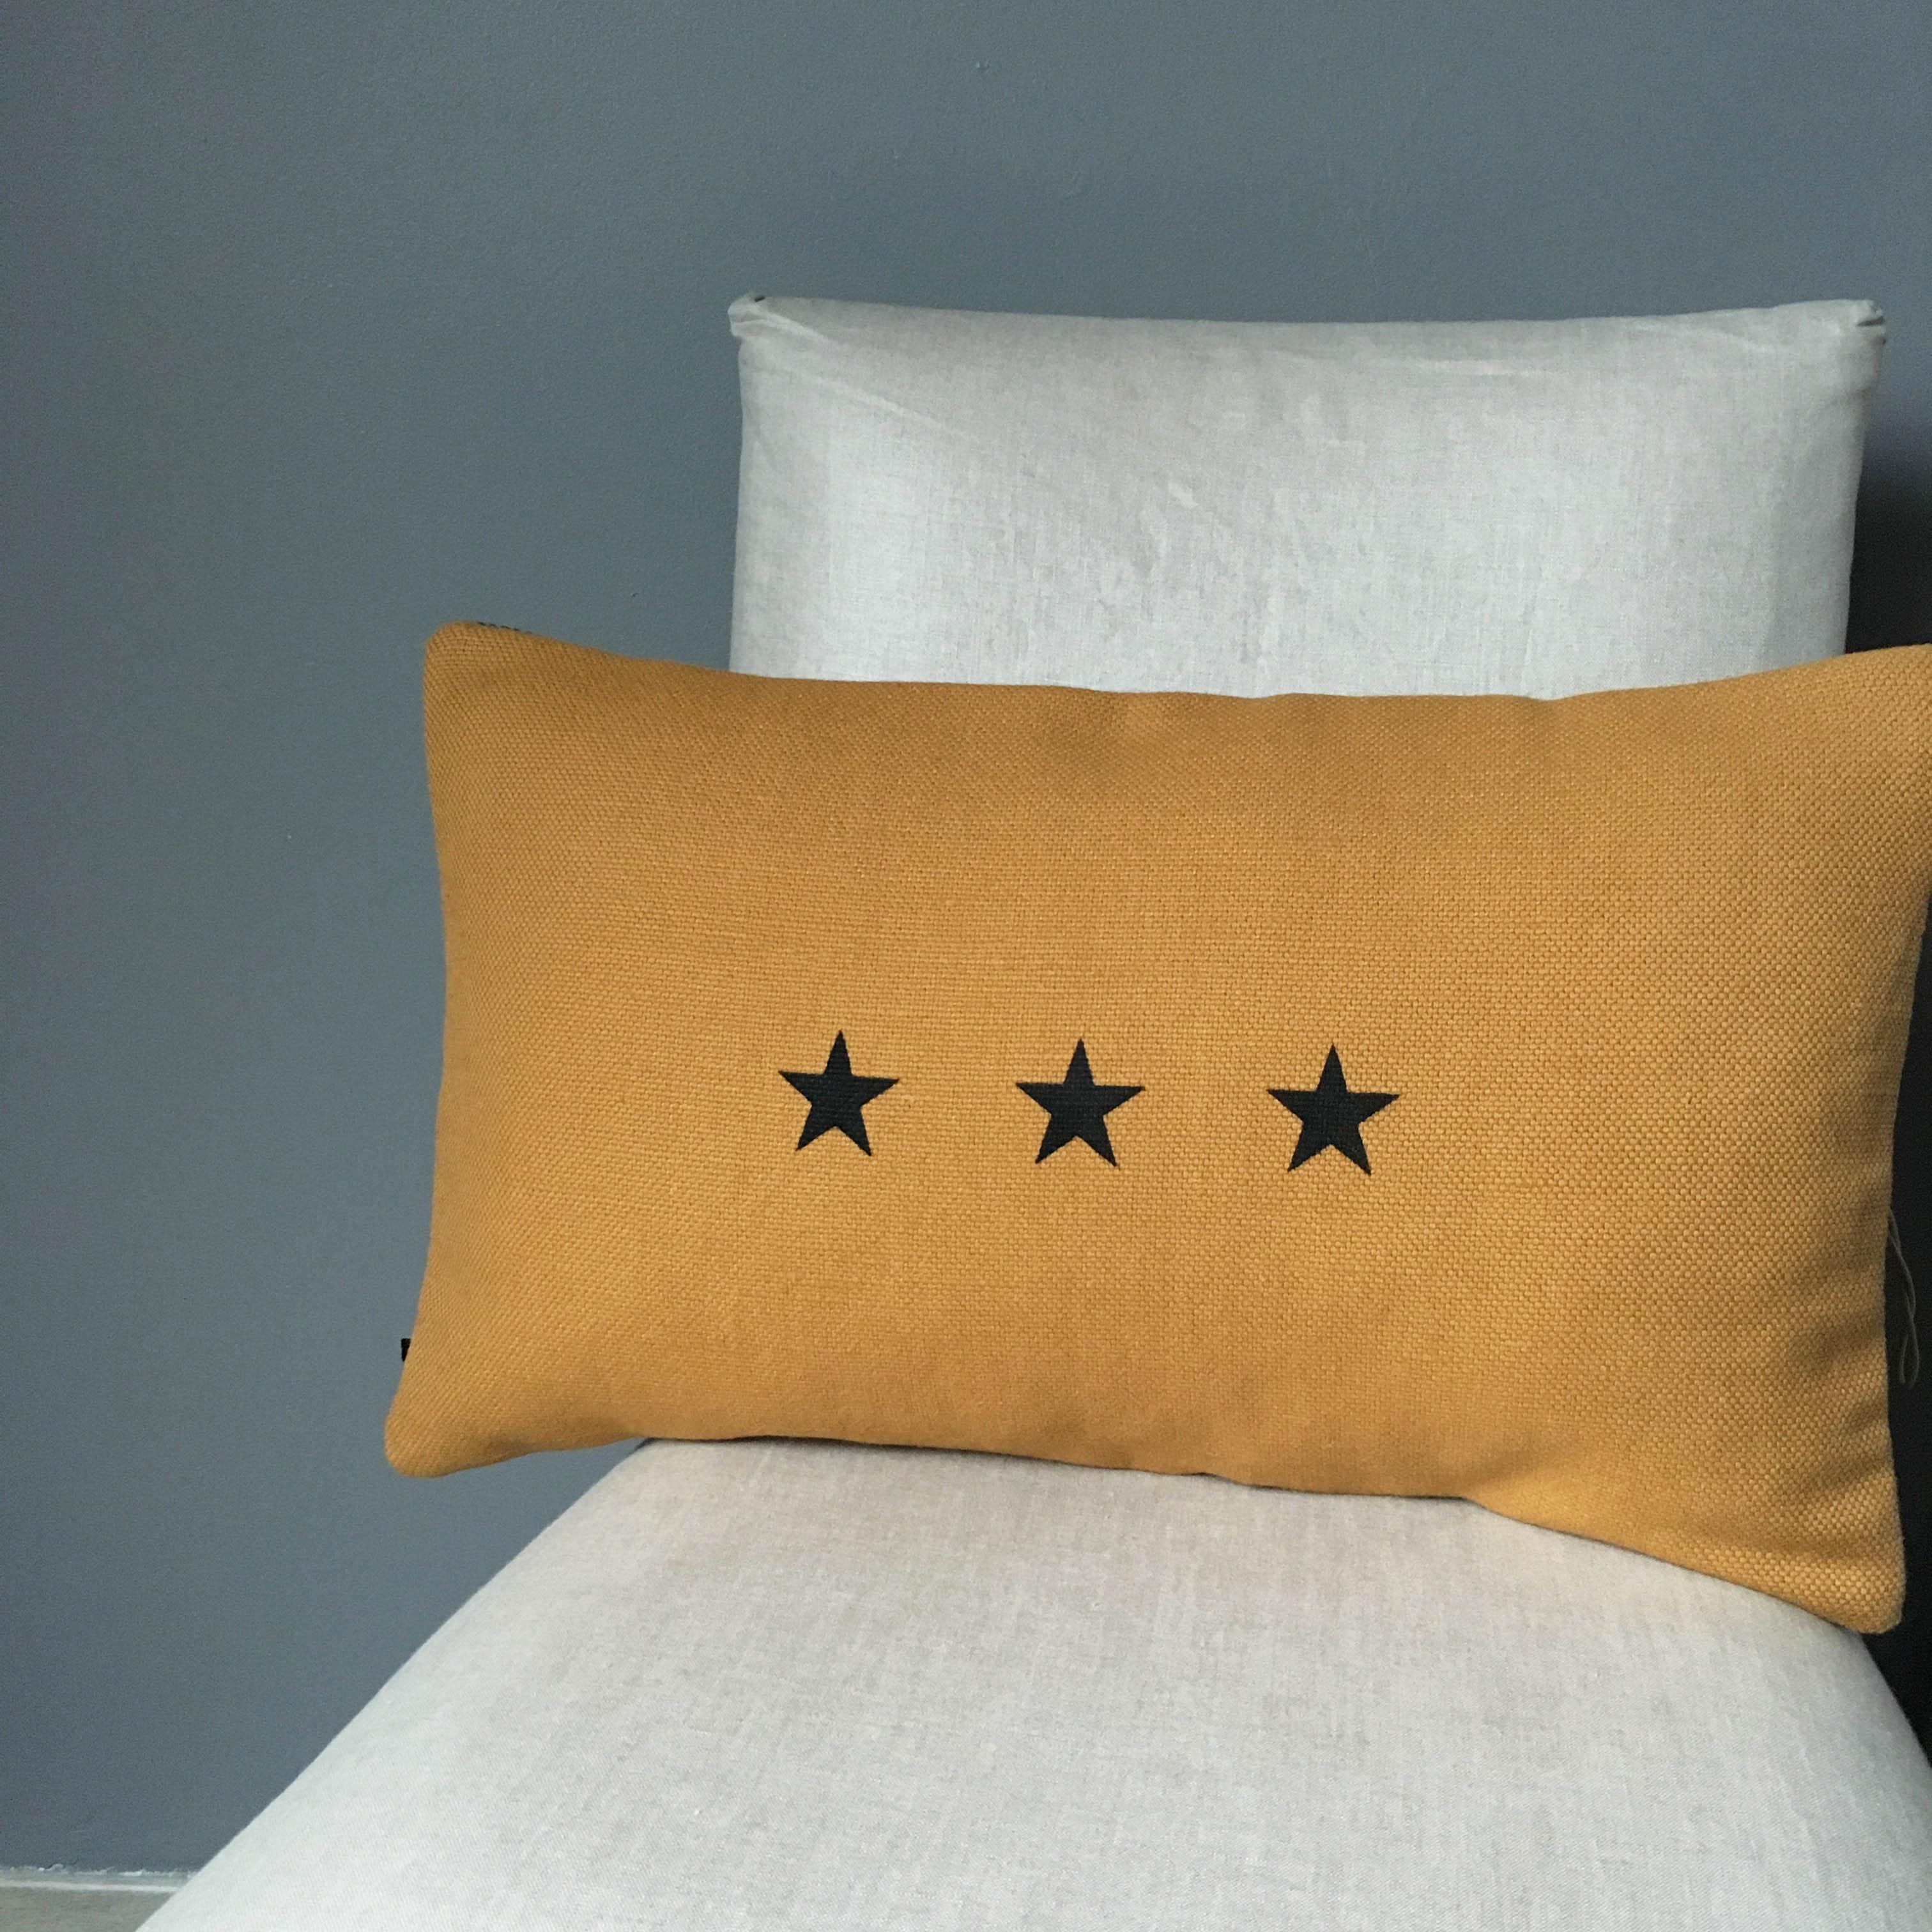 coussin lin moutarde 3 toiles noires affaires de famille. Black Bedroom Furniture Sets. Home Design Ideas